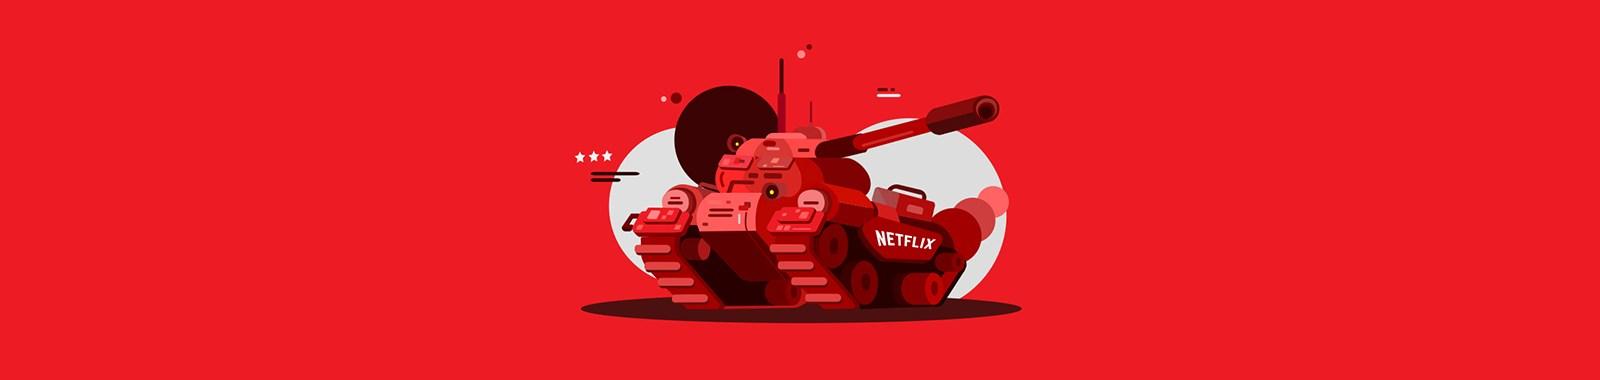 Netflix-Tank-eye